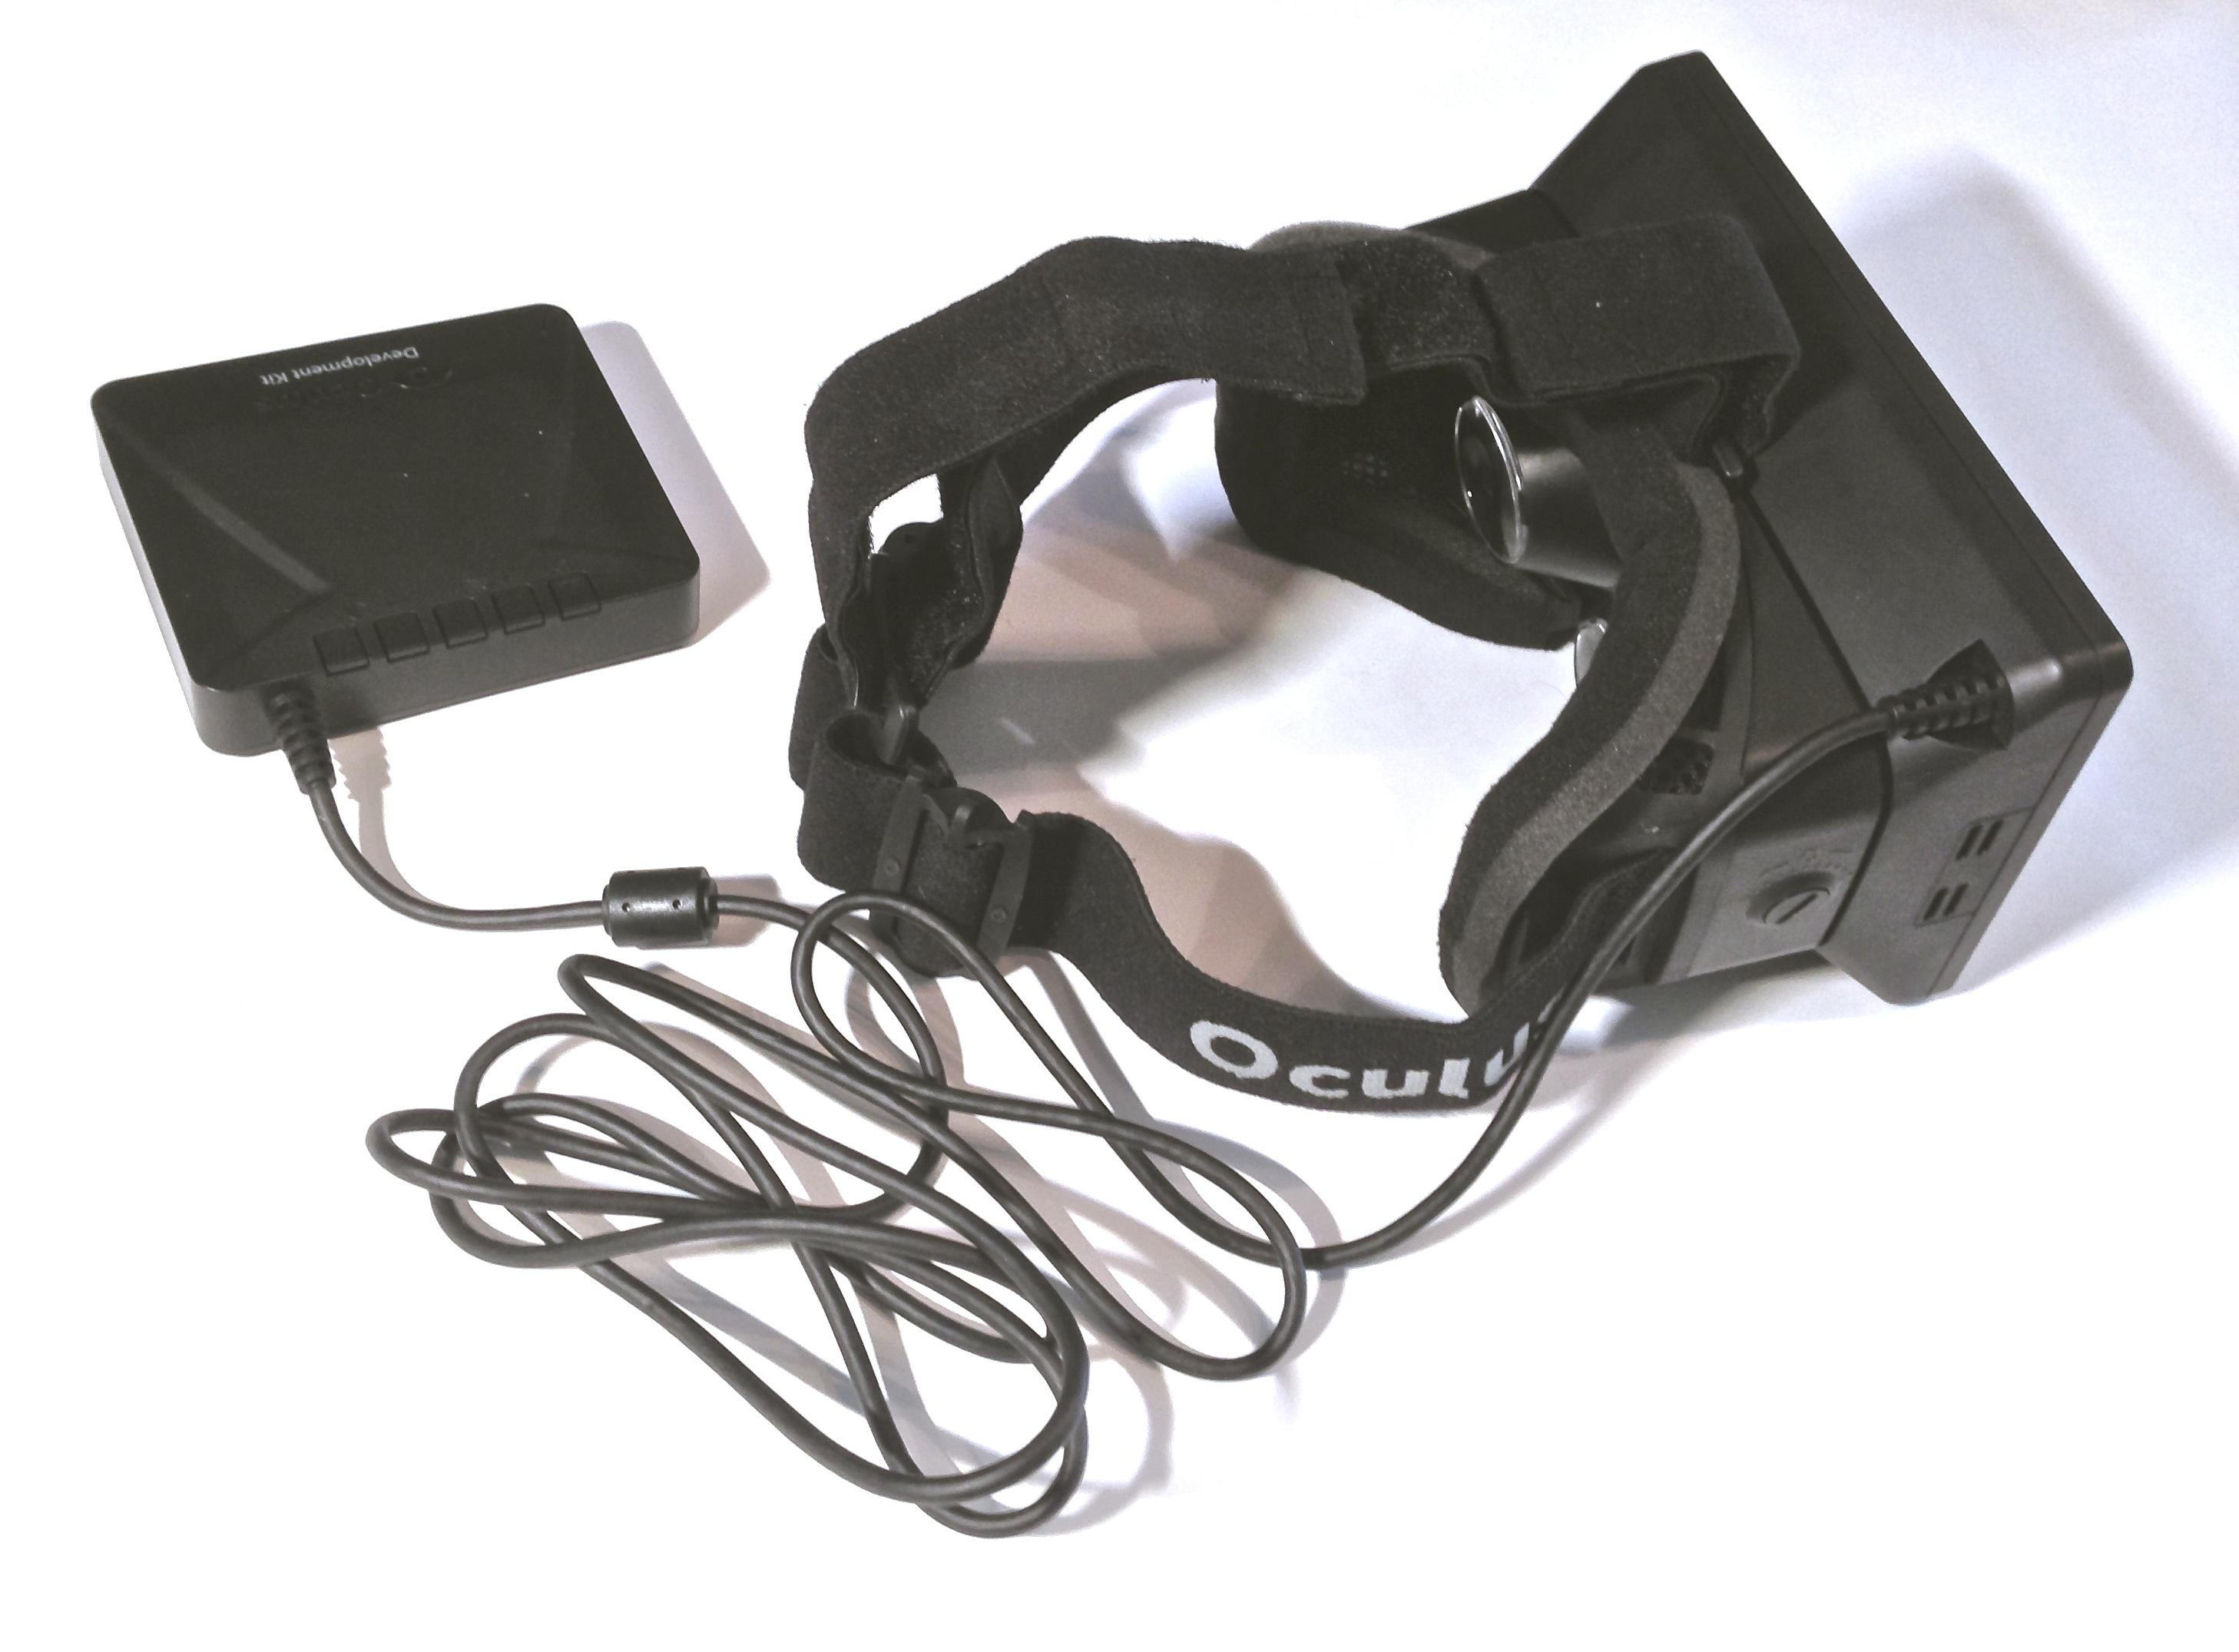 Oculus Rift – Wikipedia